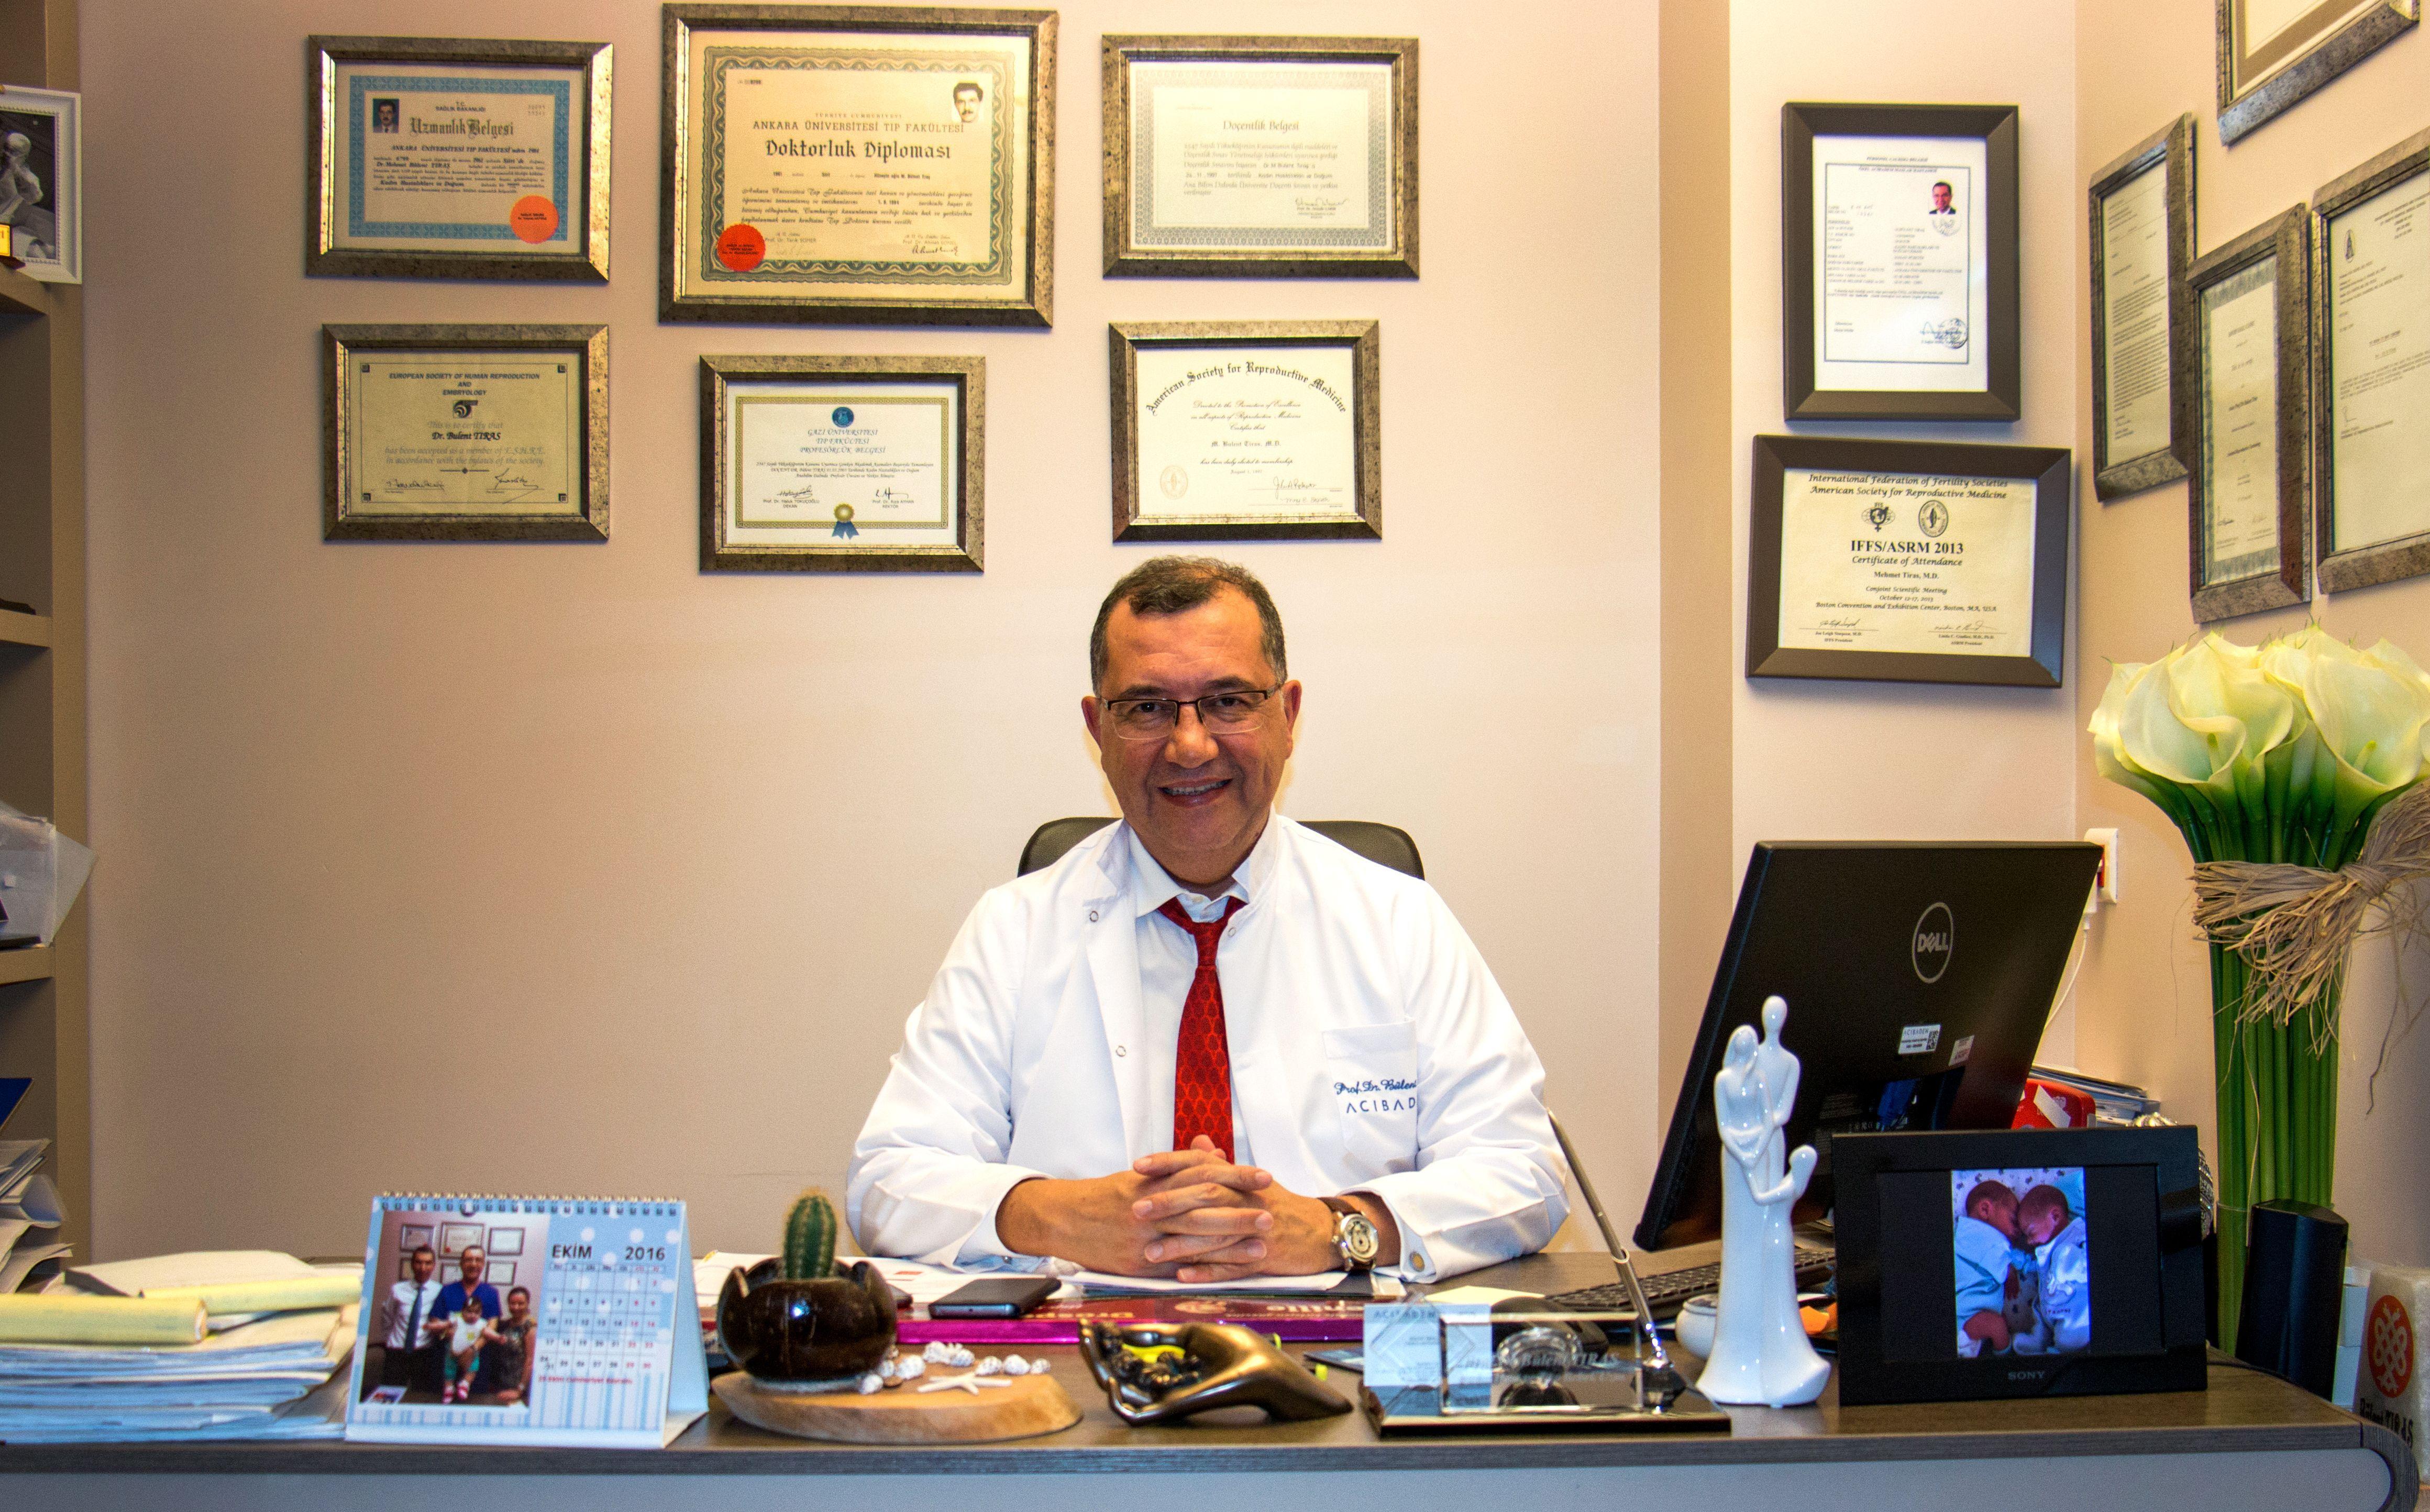 Профессор Бюлент Тыраш, Директор центра ЭКО клиники Аджибадем Маслак. Фото: Предоставлено Центром искусственного оплодотворения Аджибадем Маслак